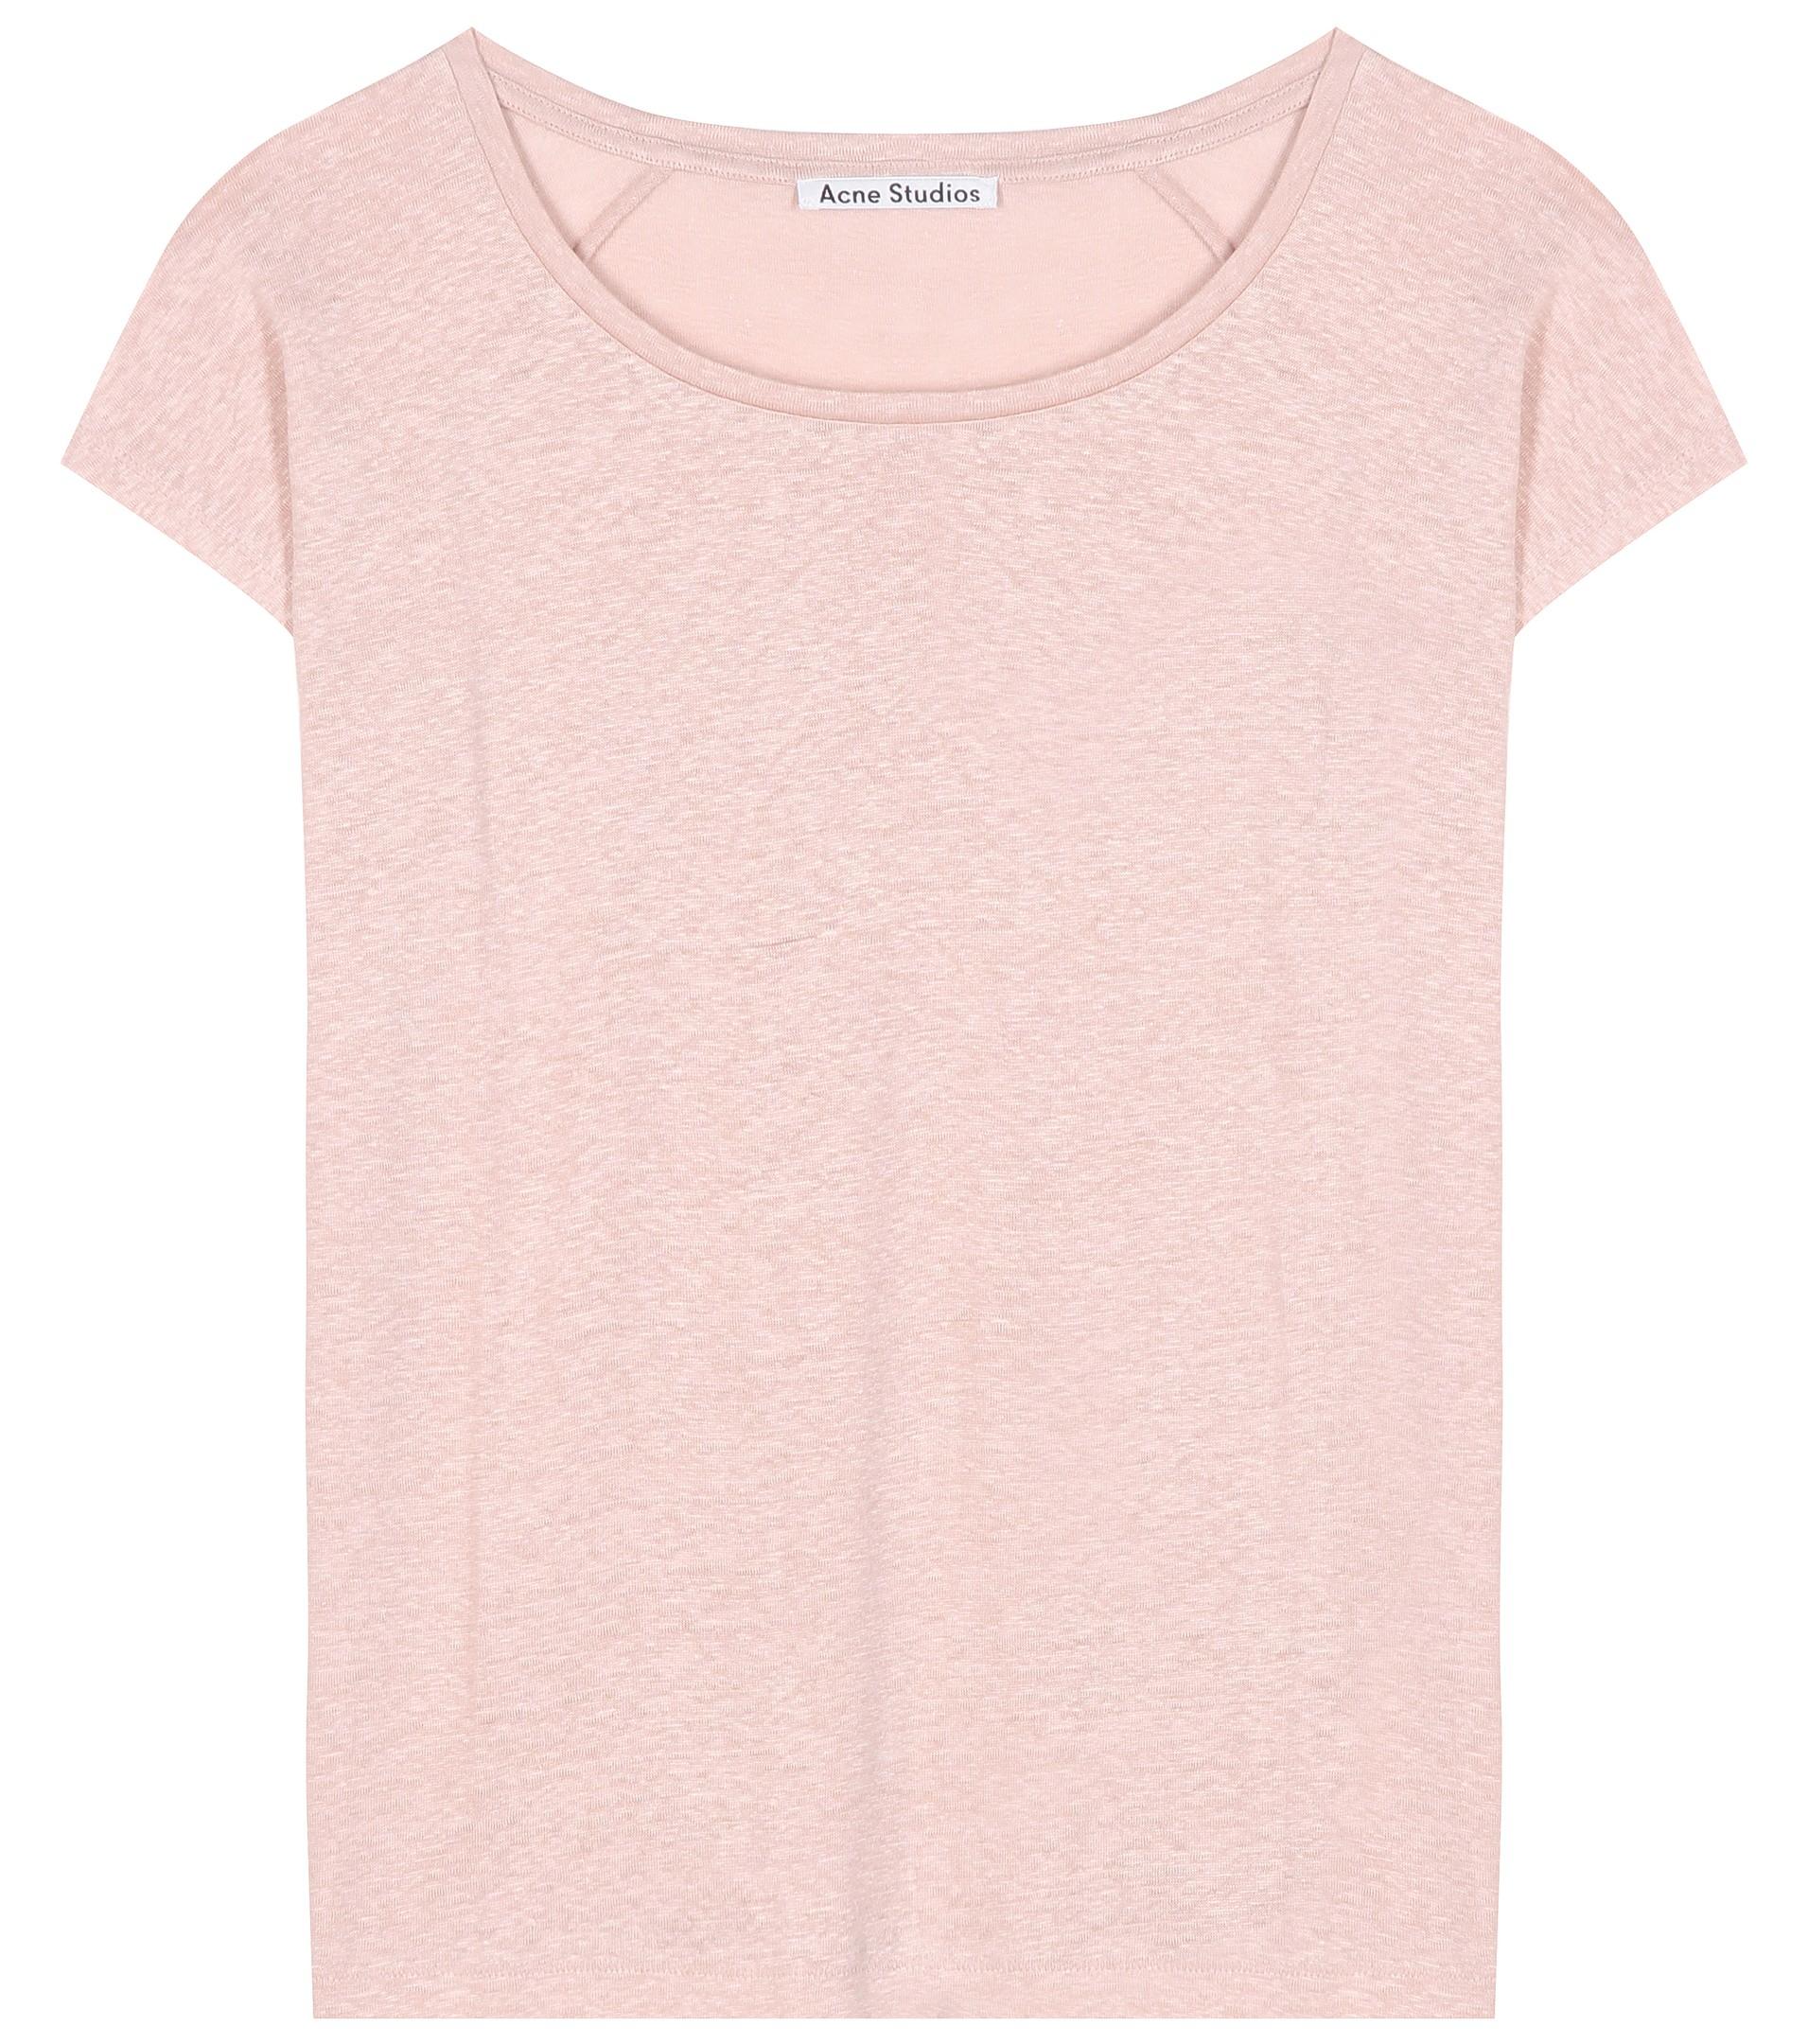 Powder Pink Shirt   Artee Shirt